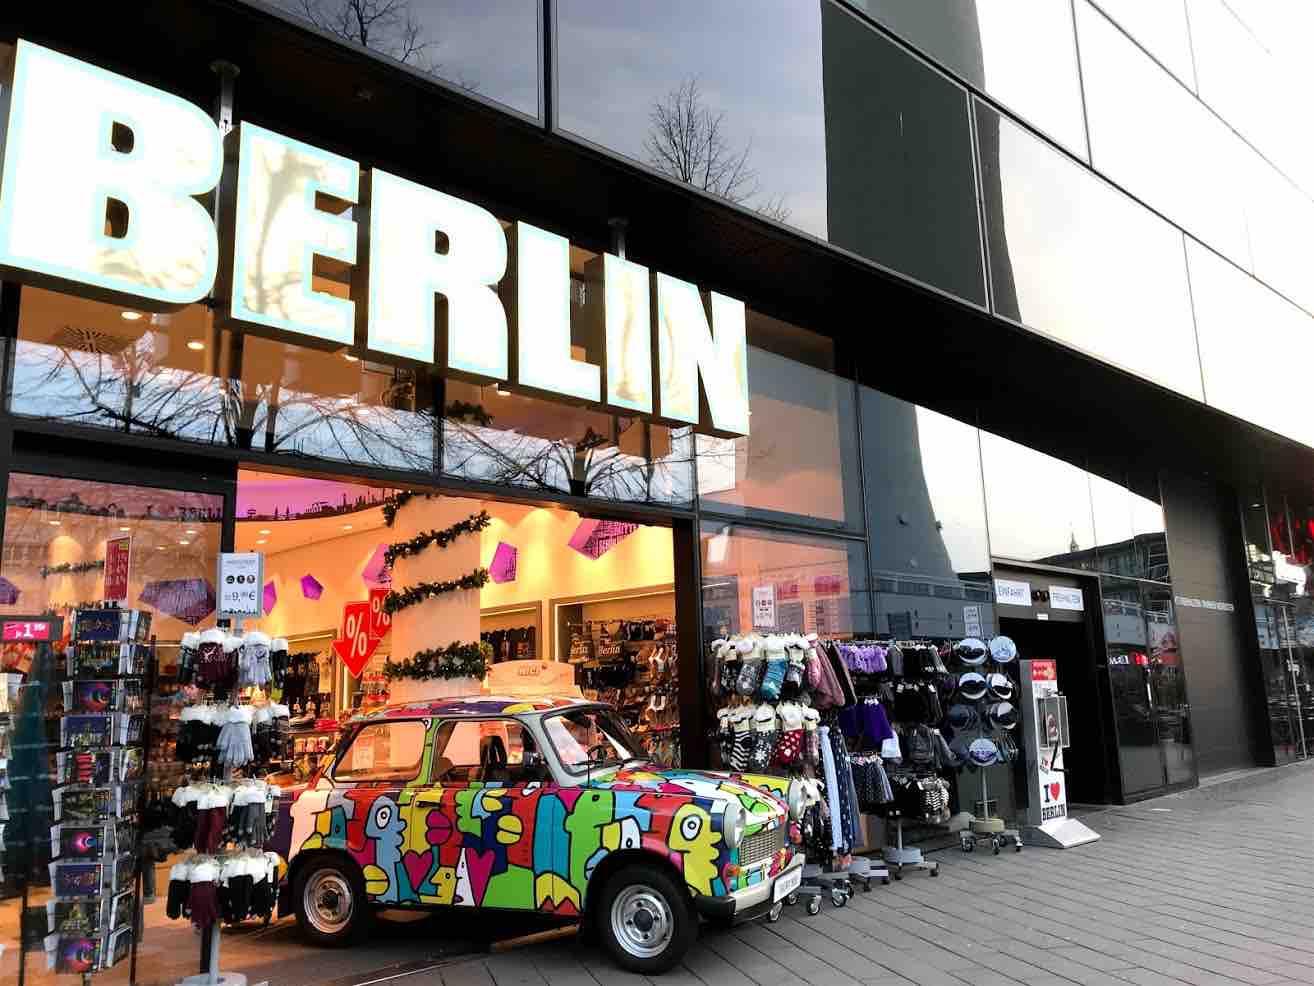 BerlinStoreIMG_0458.jpg